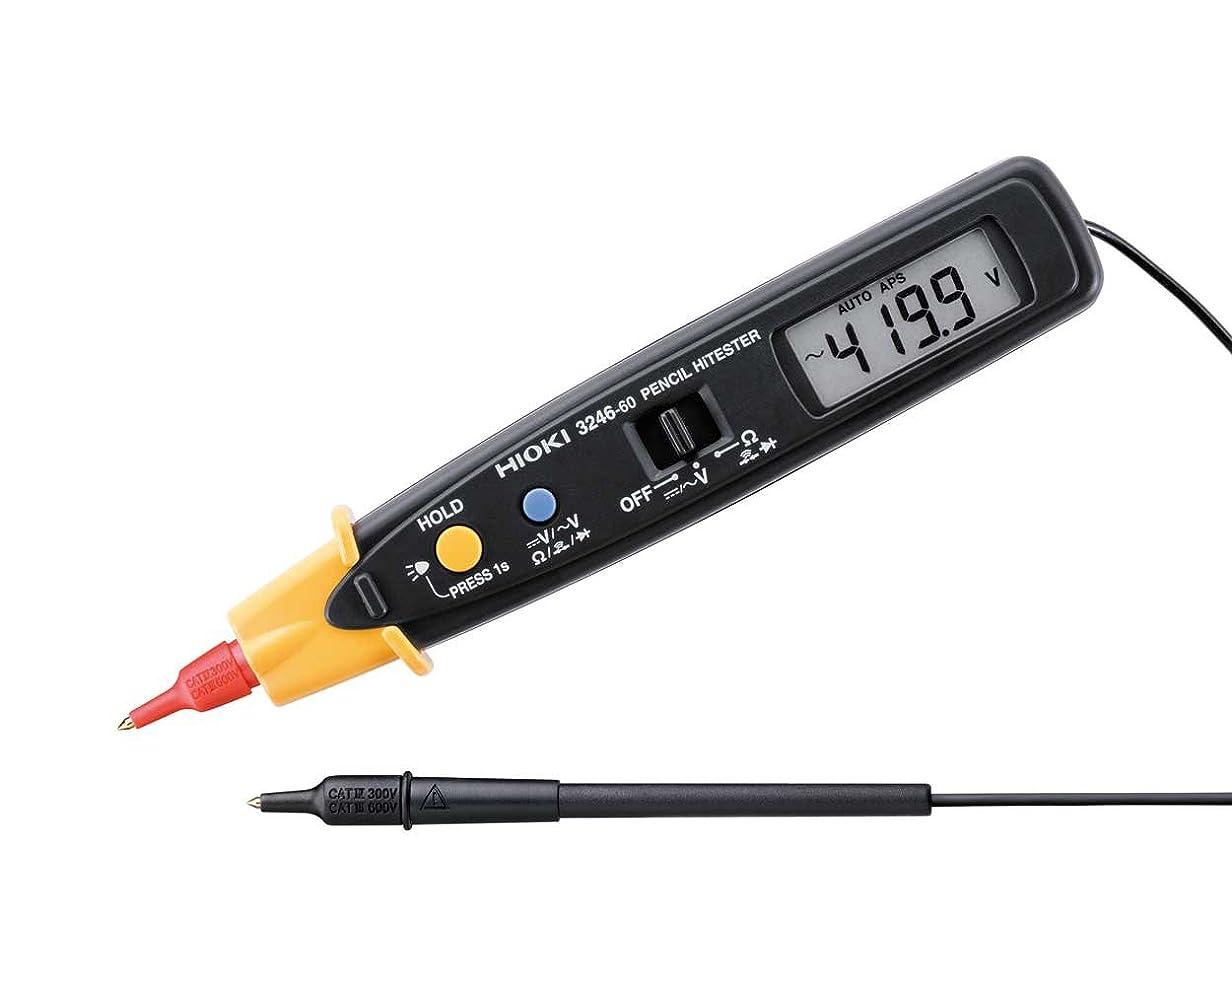 前奏曲あいにく充電HIOKI (日置電機) 3246-60 デジタルマルチメーター